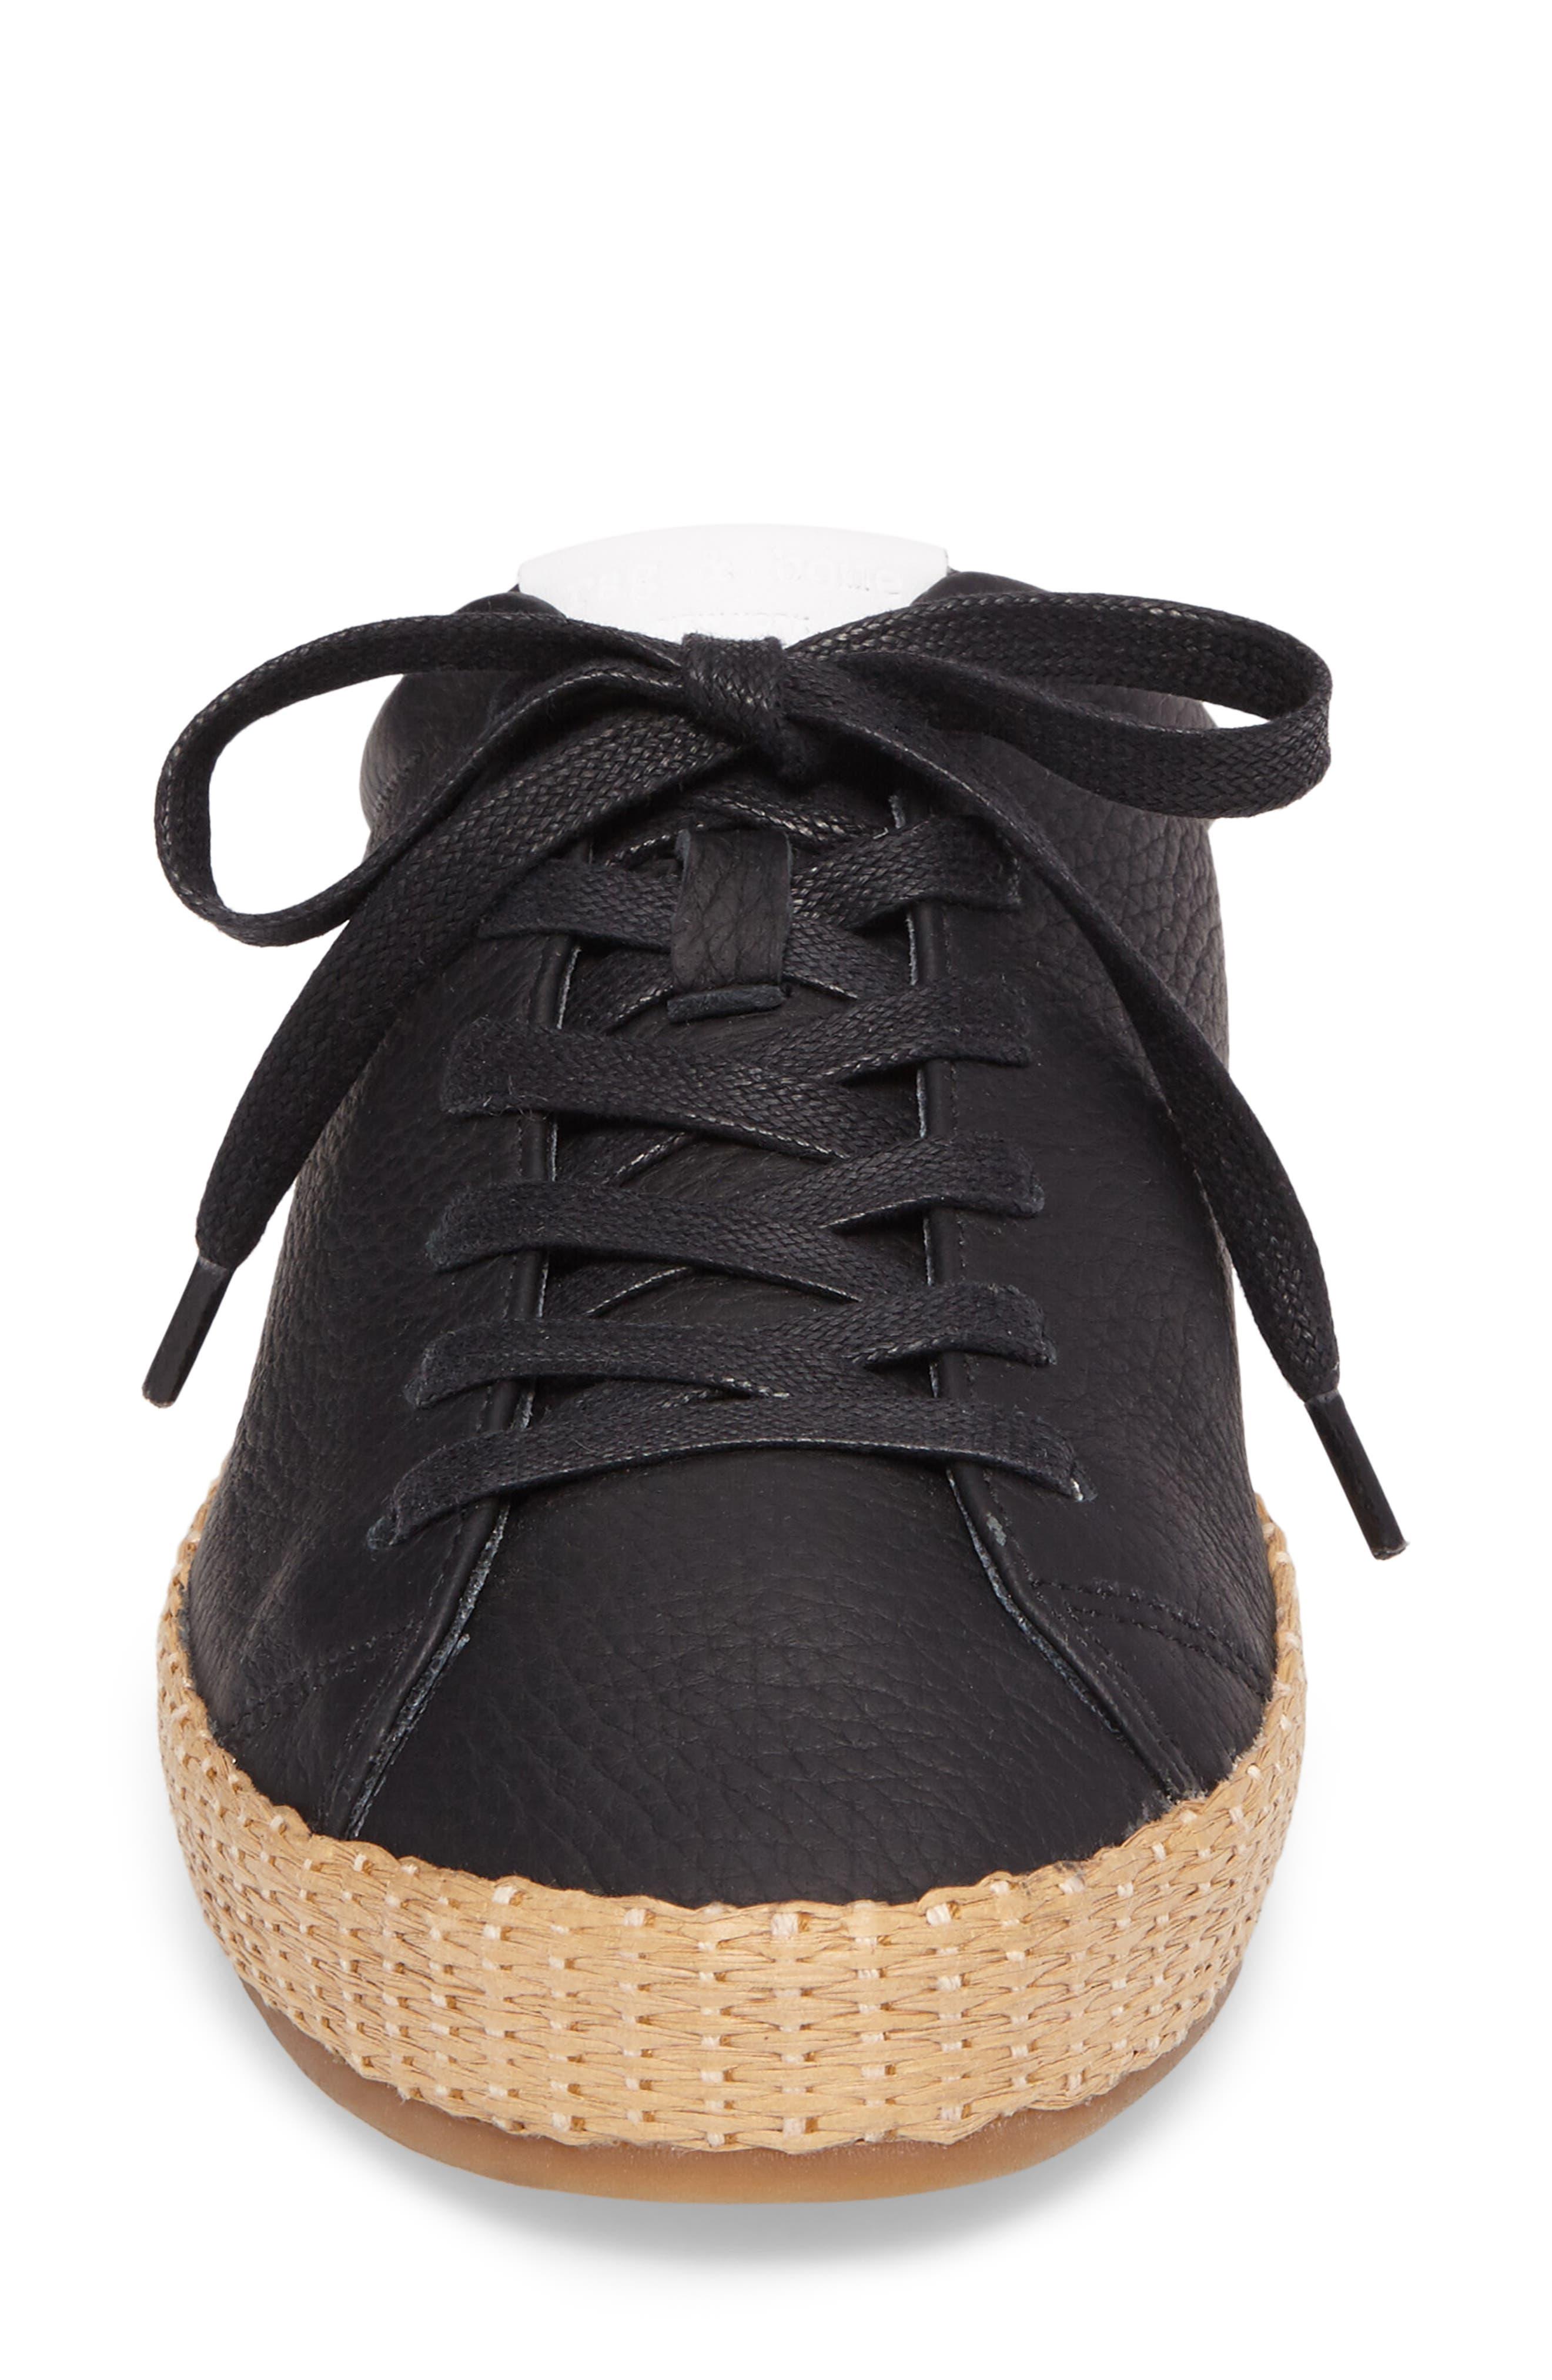 RB1 Slip-On Sneaker,                             Alternate thumbnail 4, color,                             001